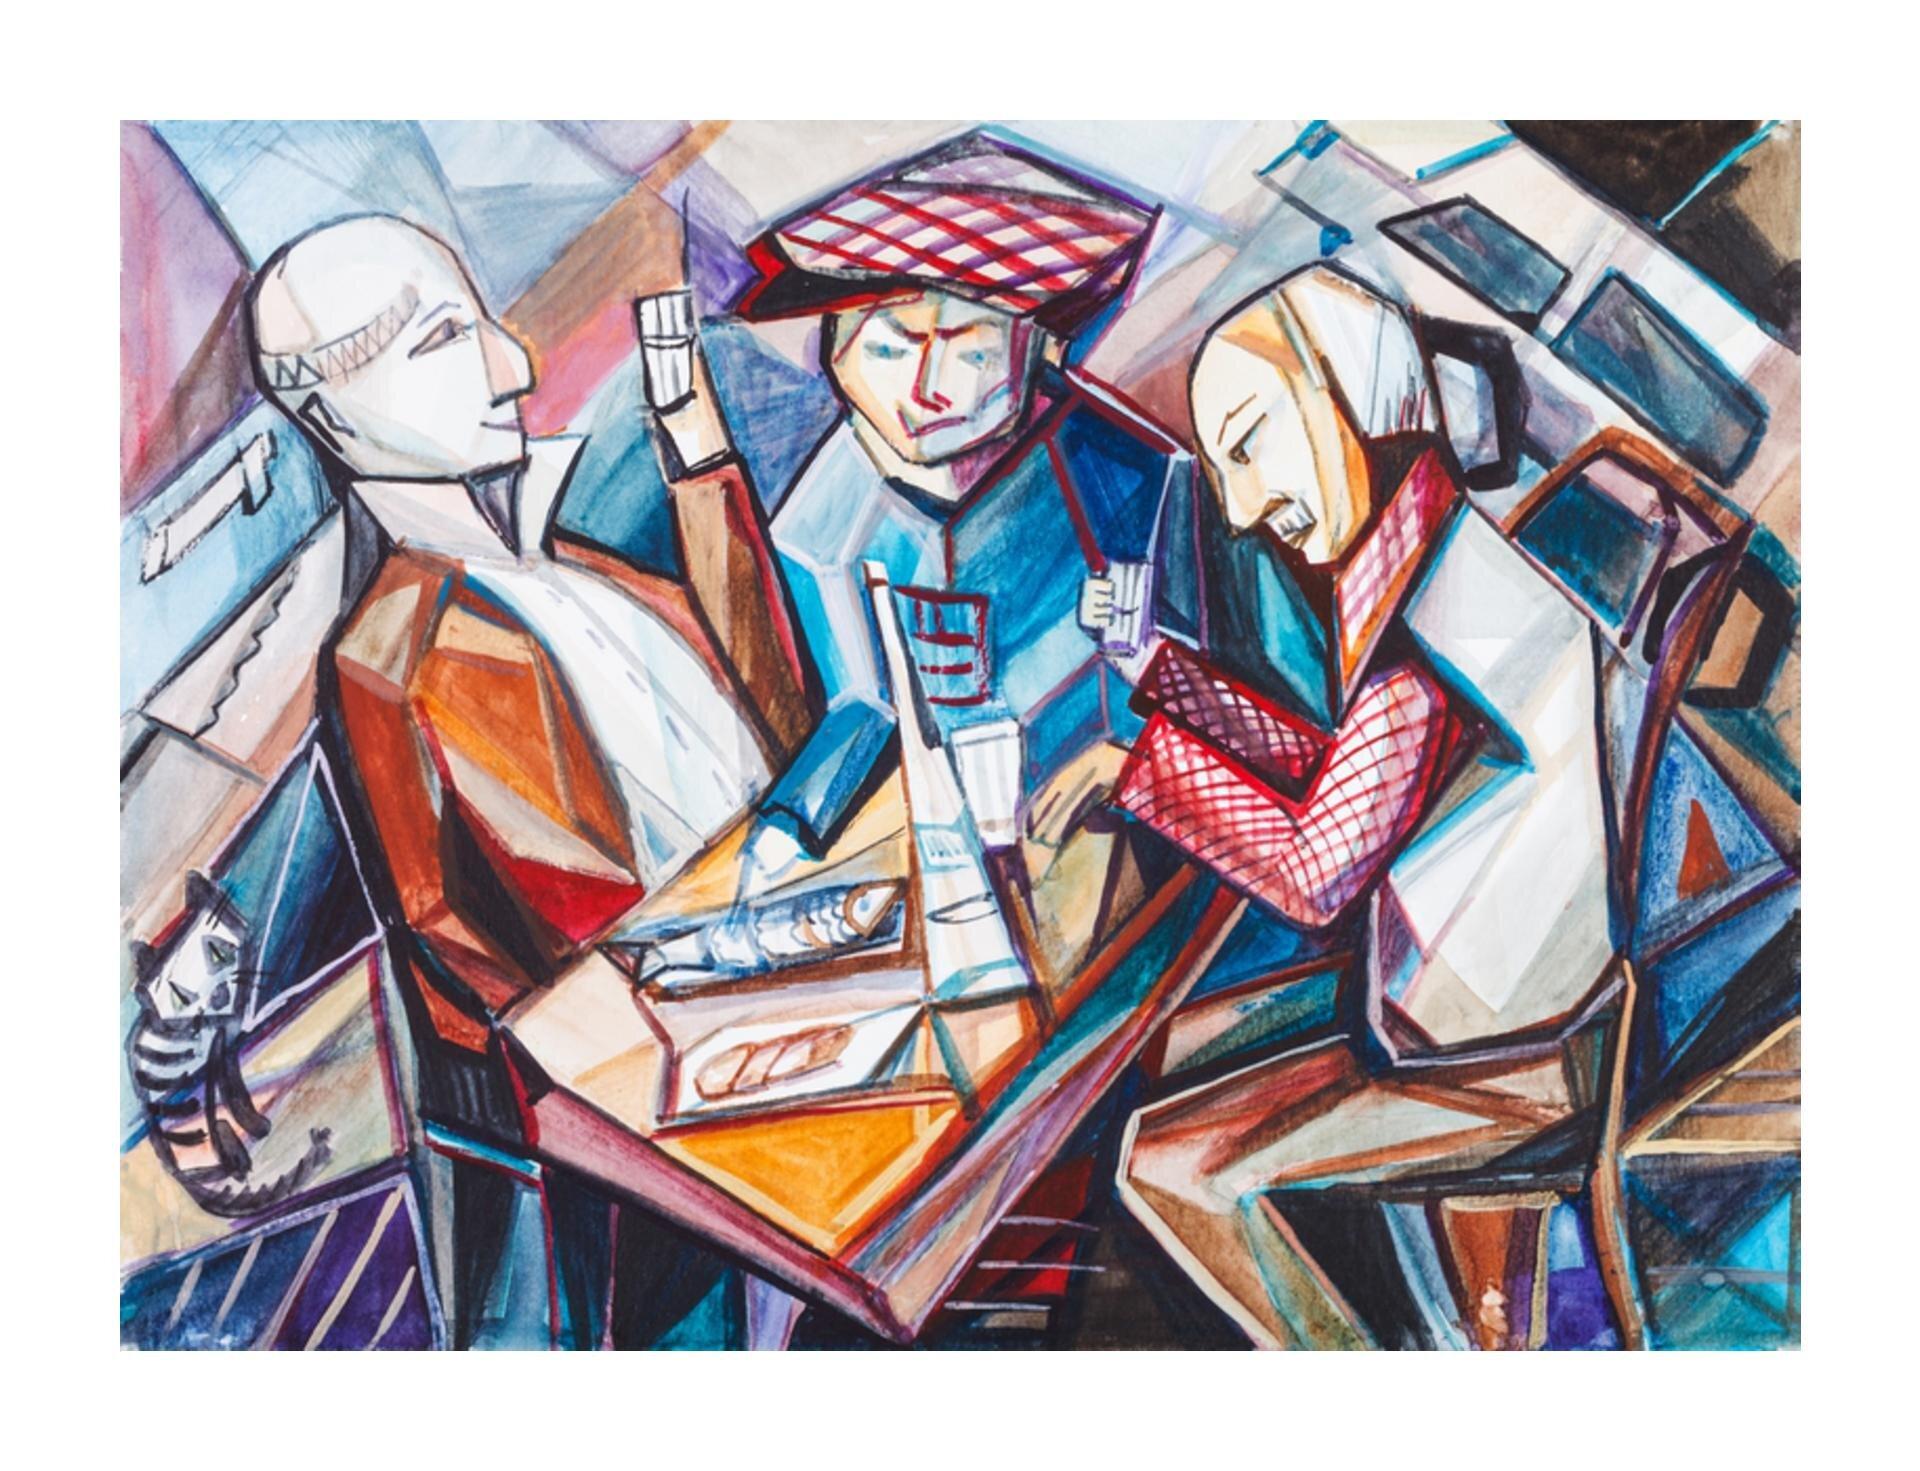 Wzadaniu zostało wykorzystane dzieło, które przedstawia trzech mężczyzn siedzących przy stole. Dwóch mężczyzn ma uniesione szklanki zbiałym napojem. Na stole leży ryba. Za mężczyznami po lewej stronie siedzi szary kot.